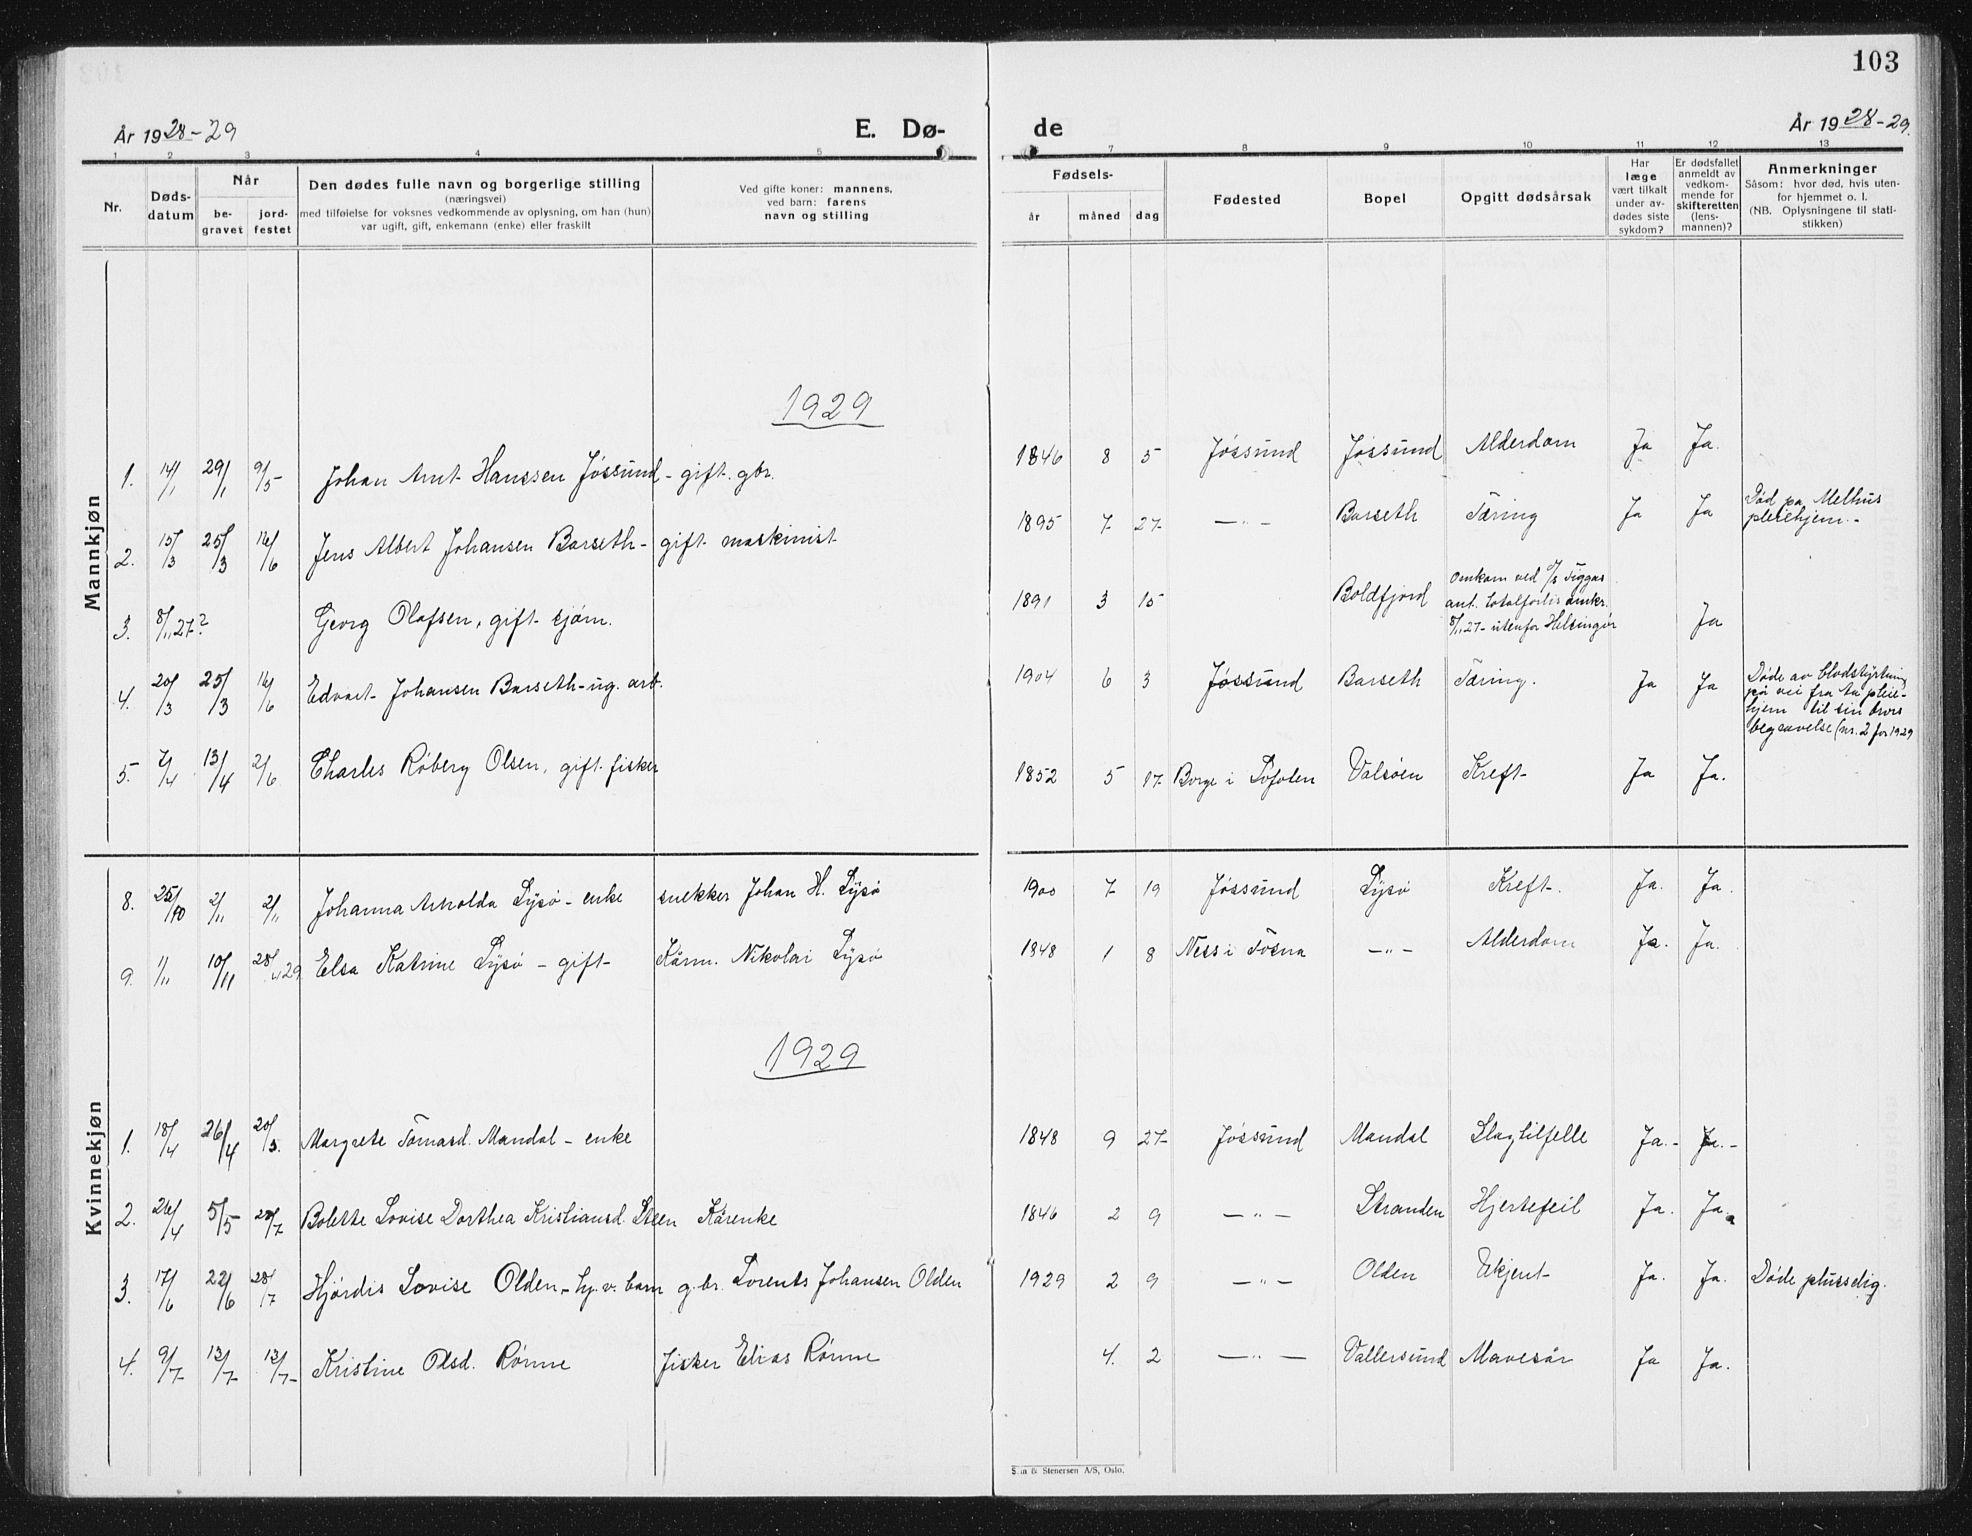 SAT, Ministerialprotokoller, klokkerbøker og fødselsregistre - Sør-Trøndelag, 654/L0667: Klokkerbok nr. 654C03, 1924-1939, s. 103